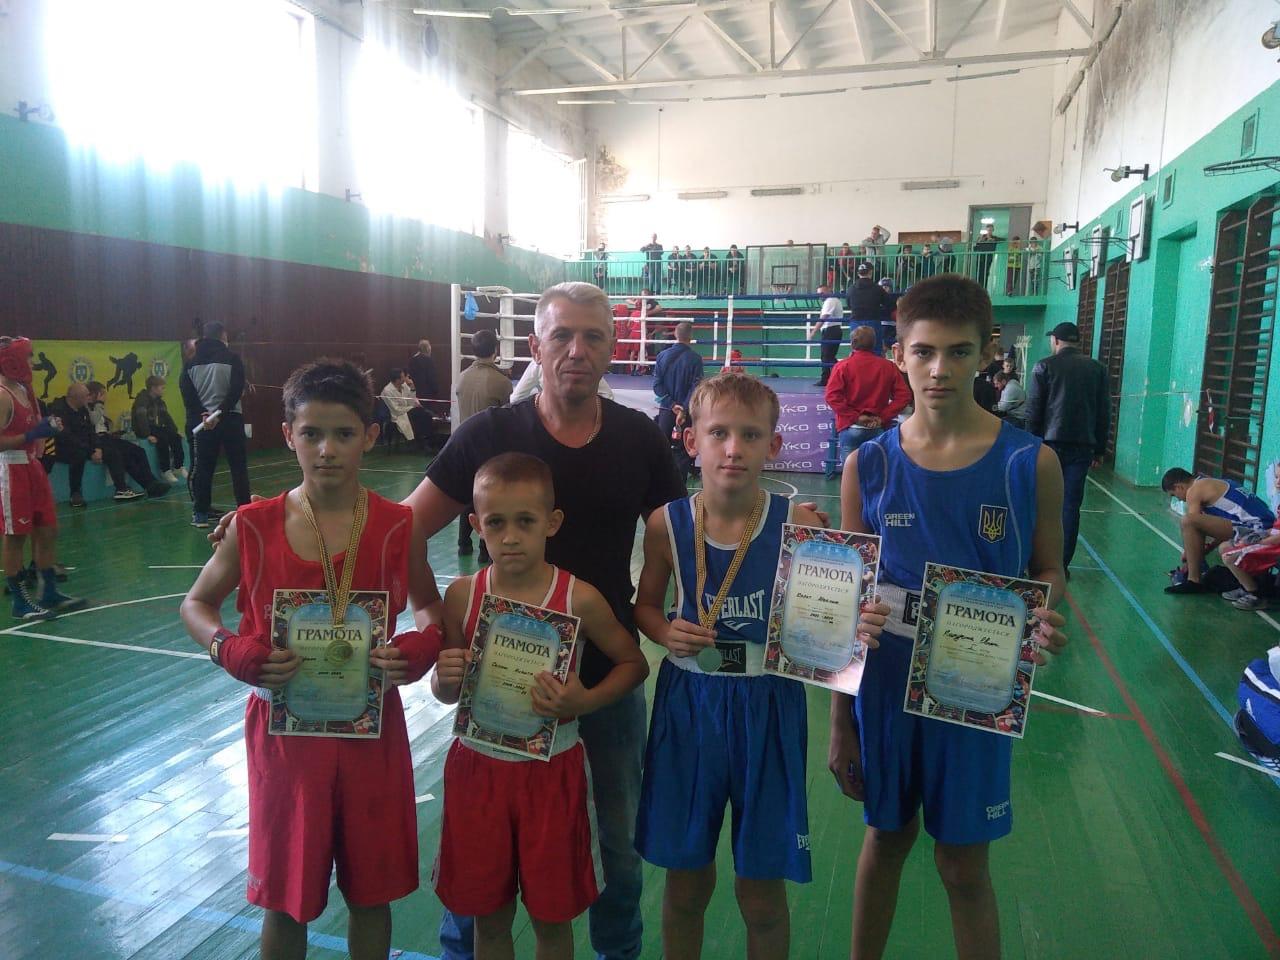 Охтирські спортсмени взяли участь у відкритому чемпіонаті міста Суми з боксу, де вибороли чотири призових місця